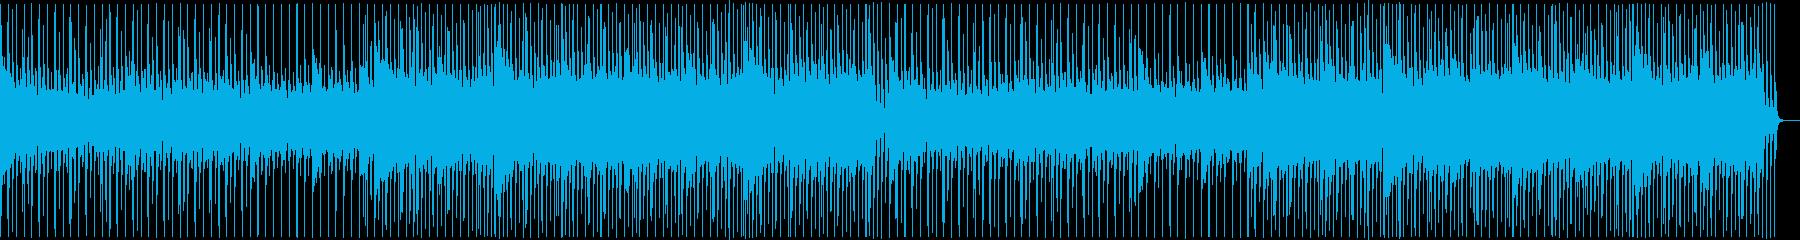 可愛い手拍子のポップス (inst)の再生済みの波形